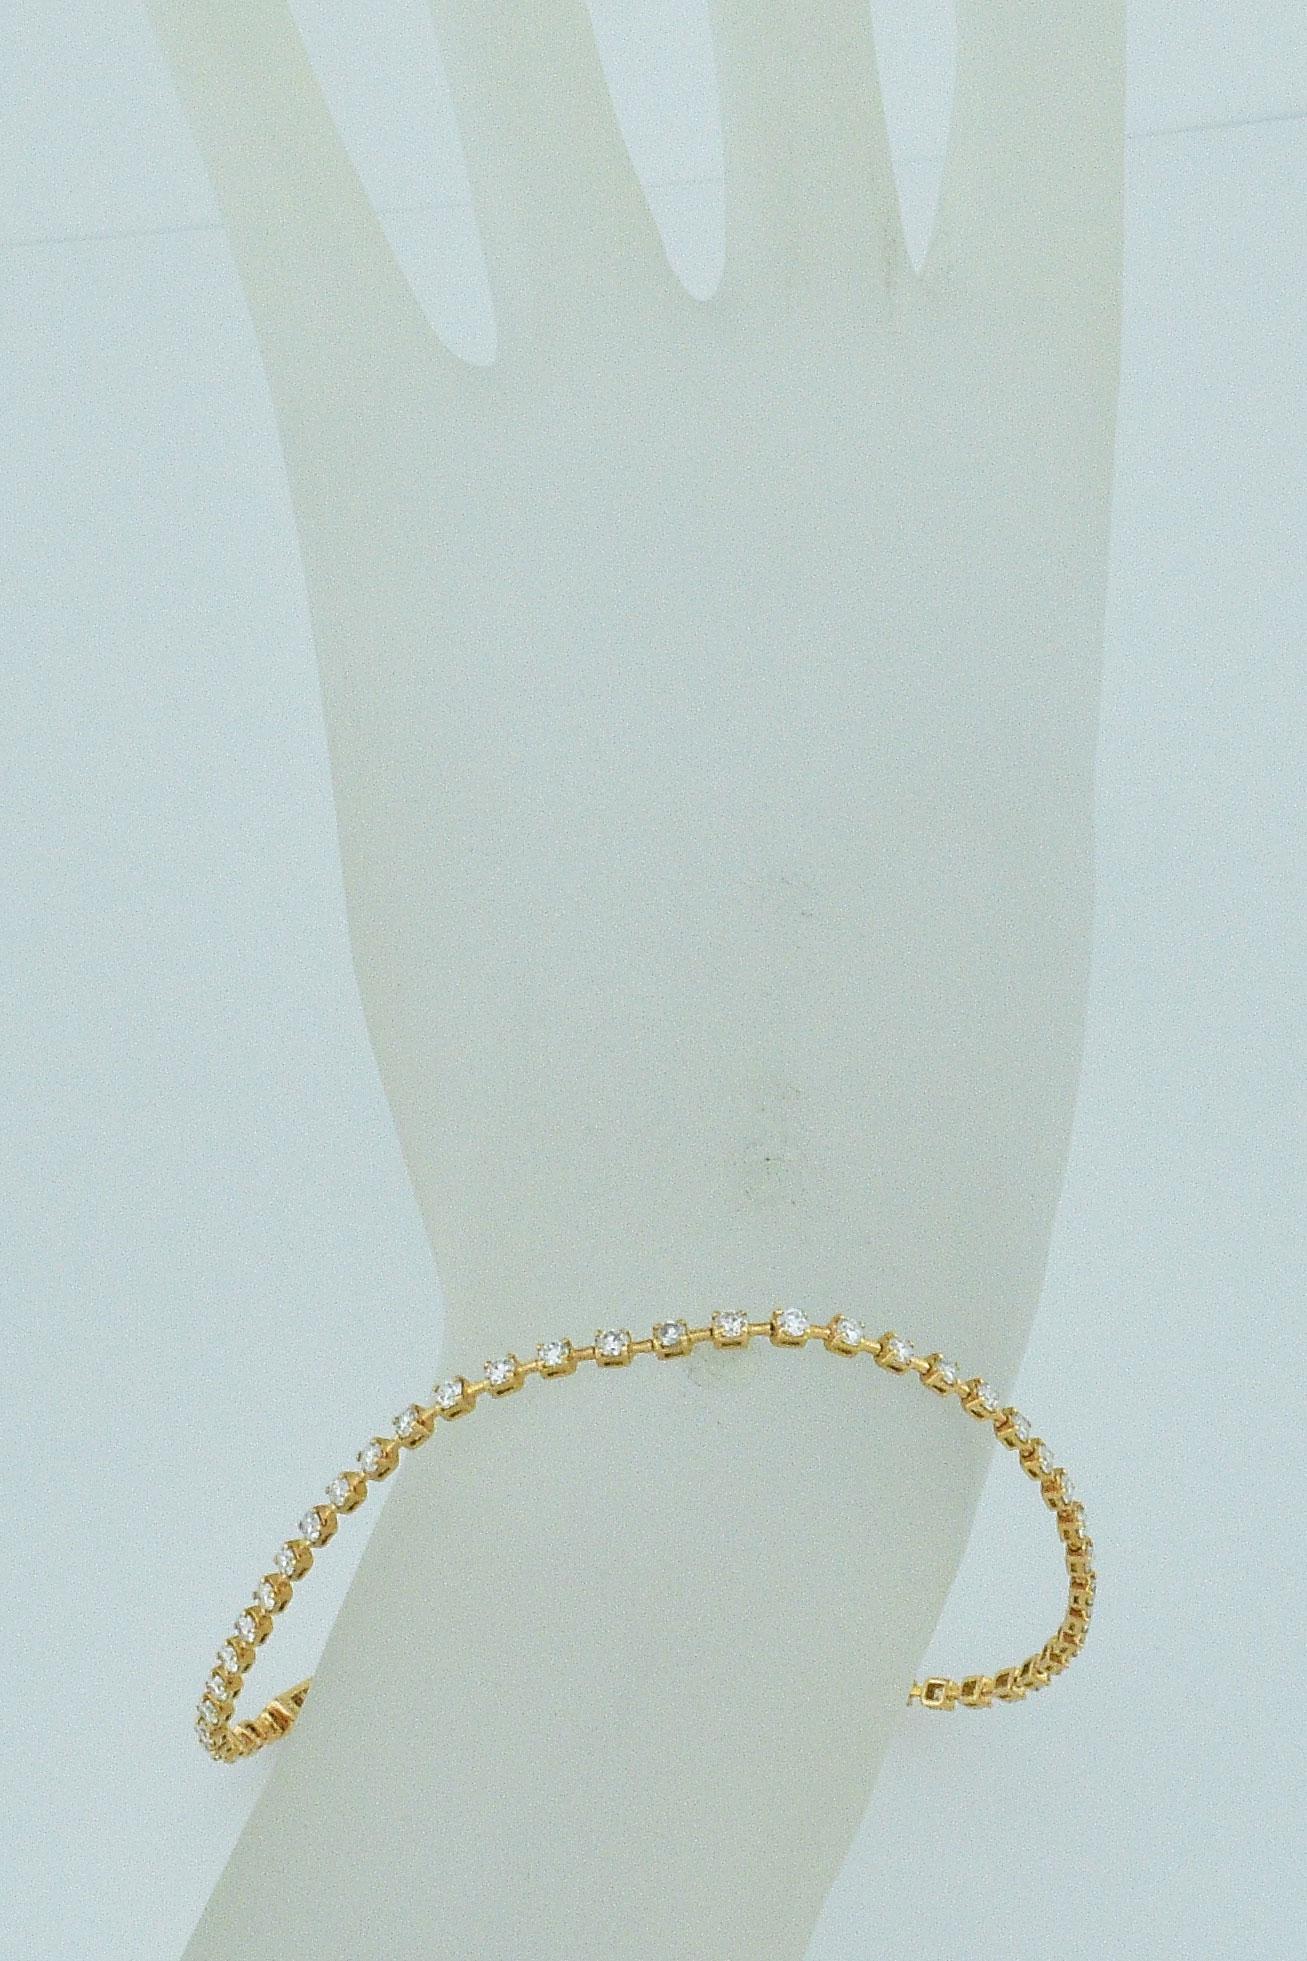 Rose Gold Bar-Link Bracelet Set With Diamonds